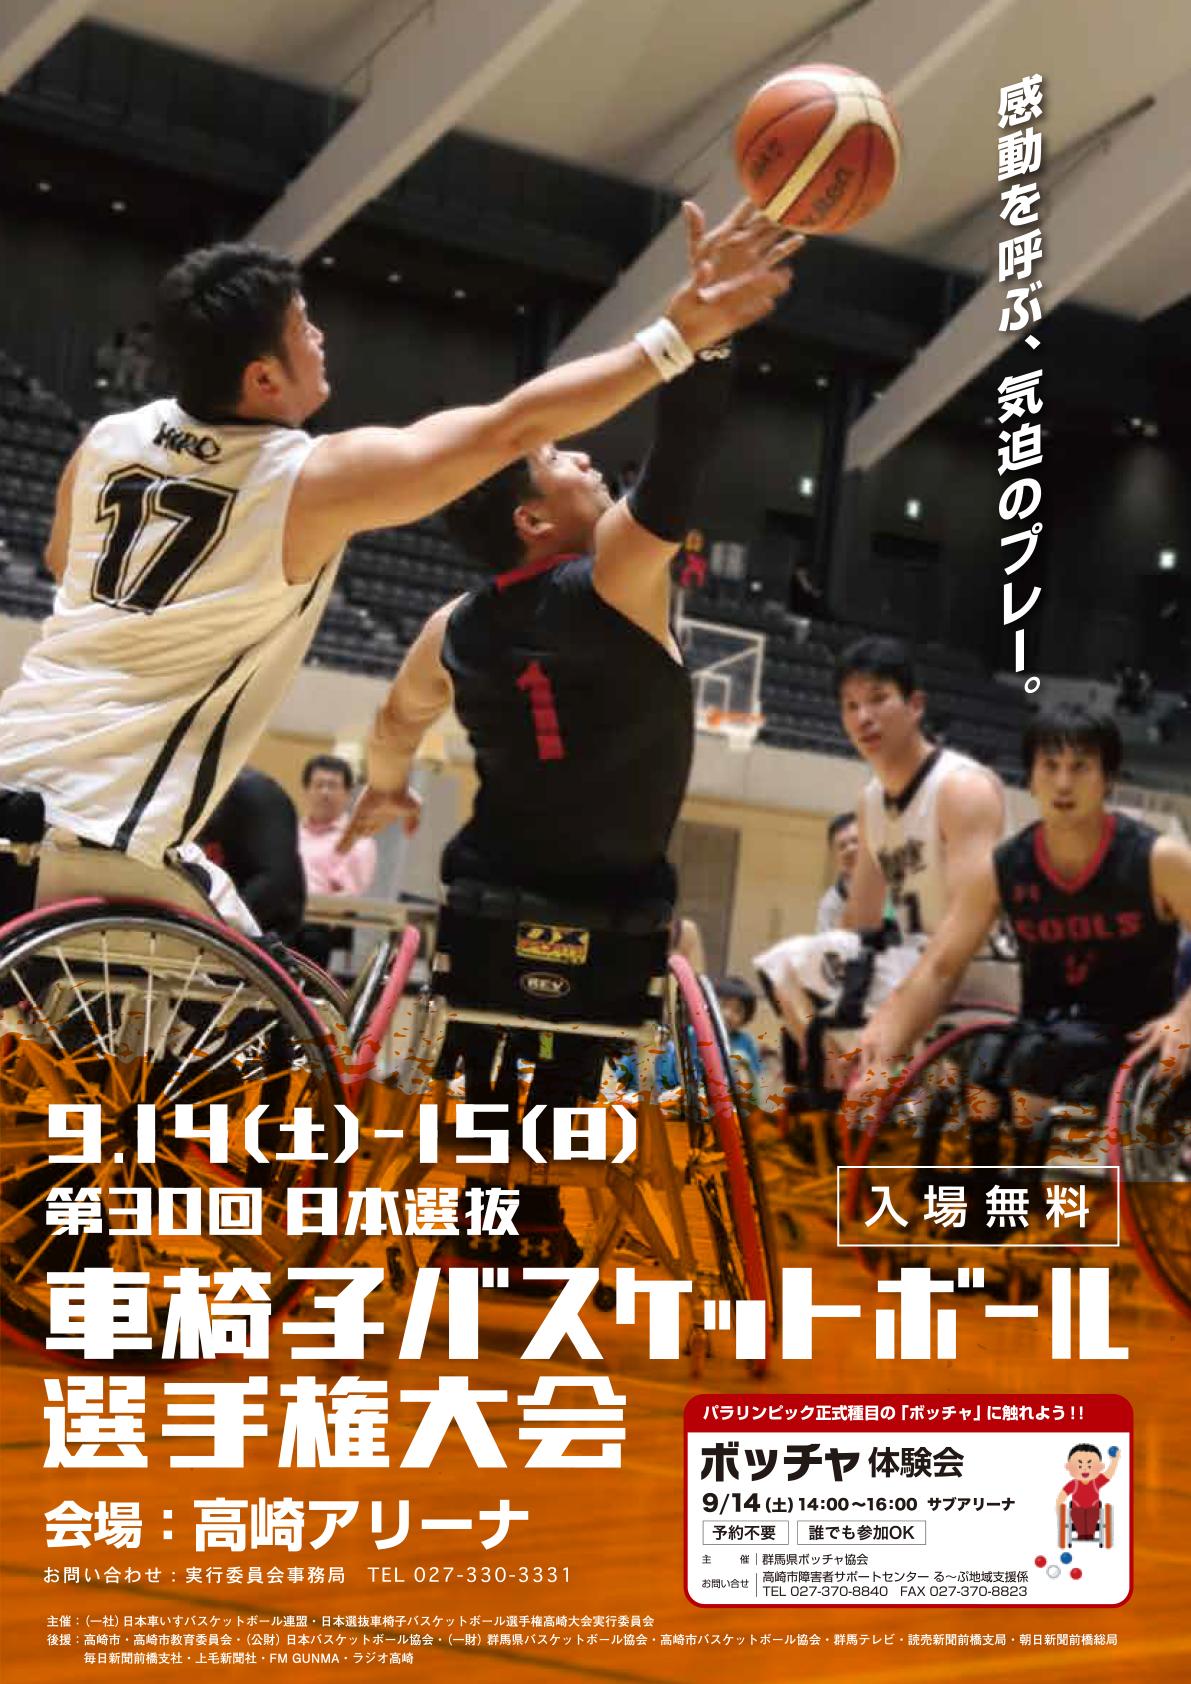 2019年度 第30回 日本選抜車椅子バスケットボール選手権大会 ポスター画像